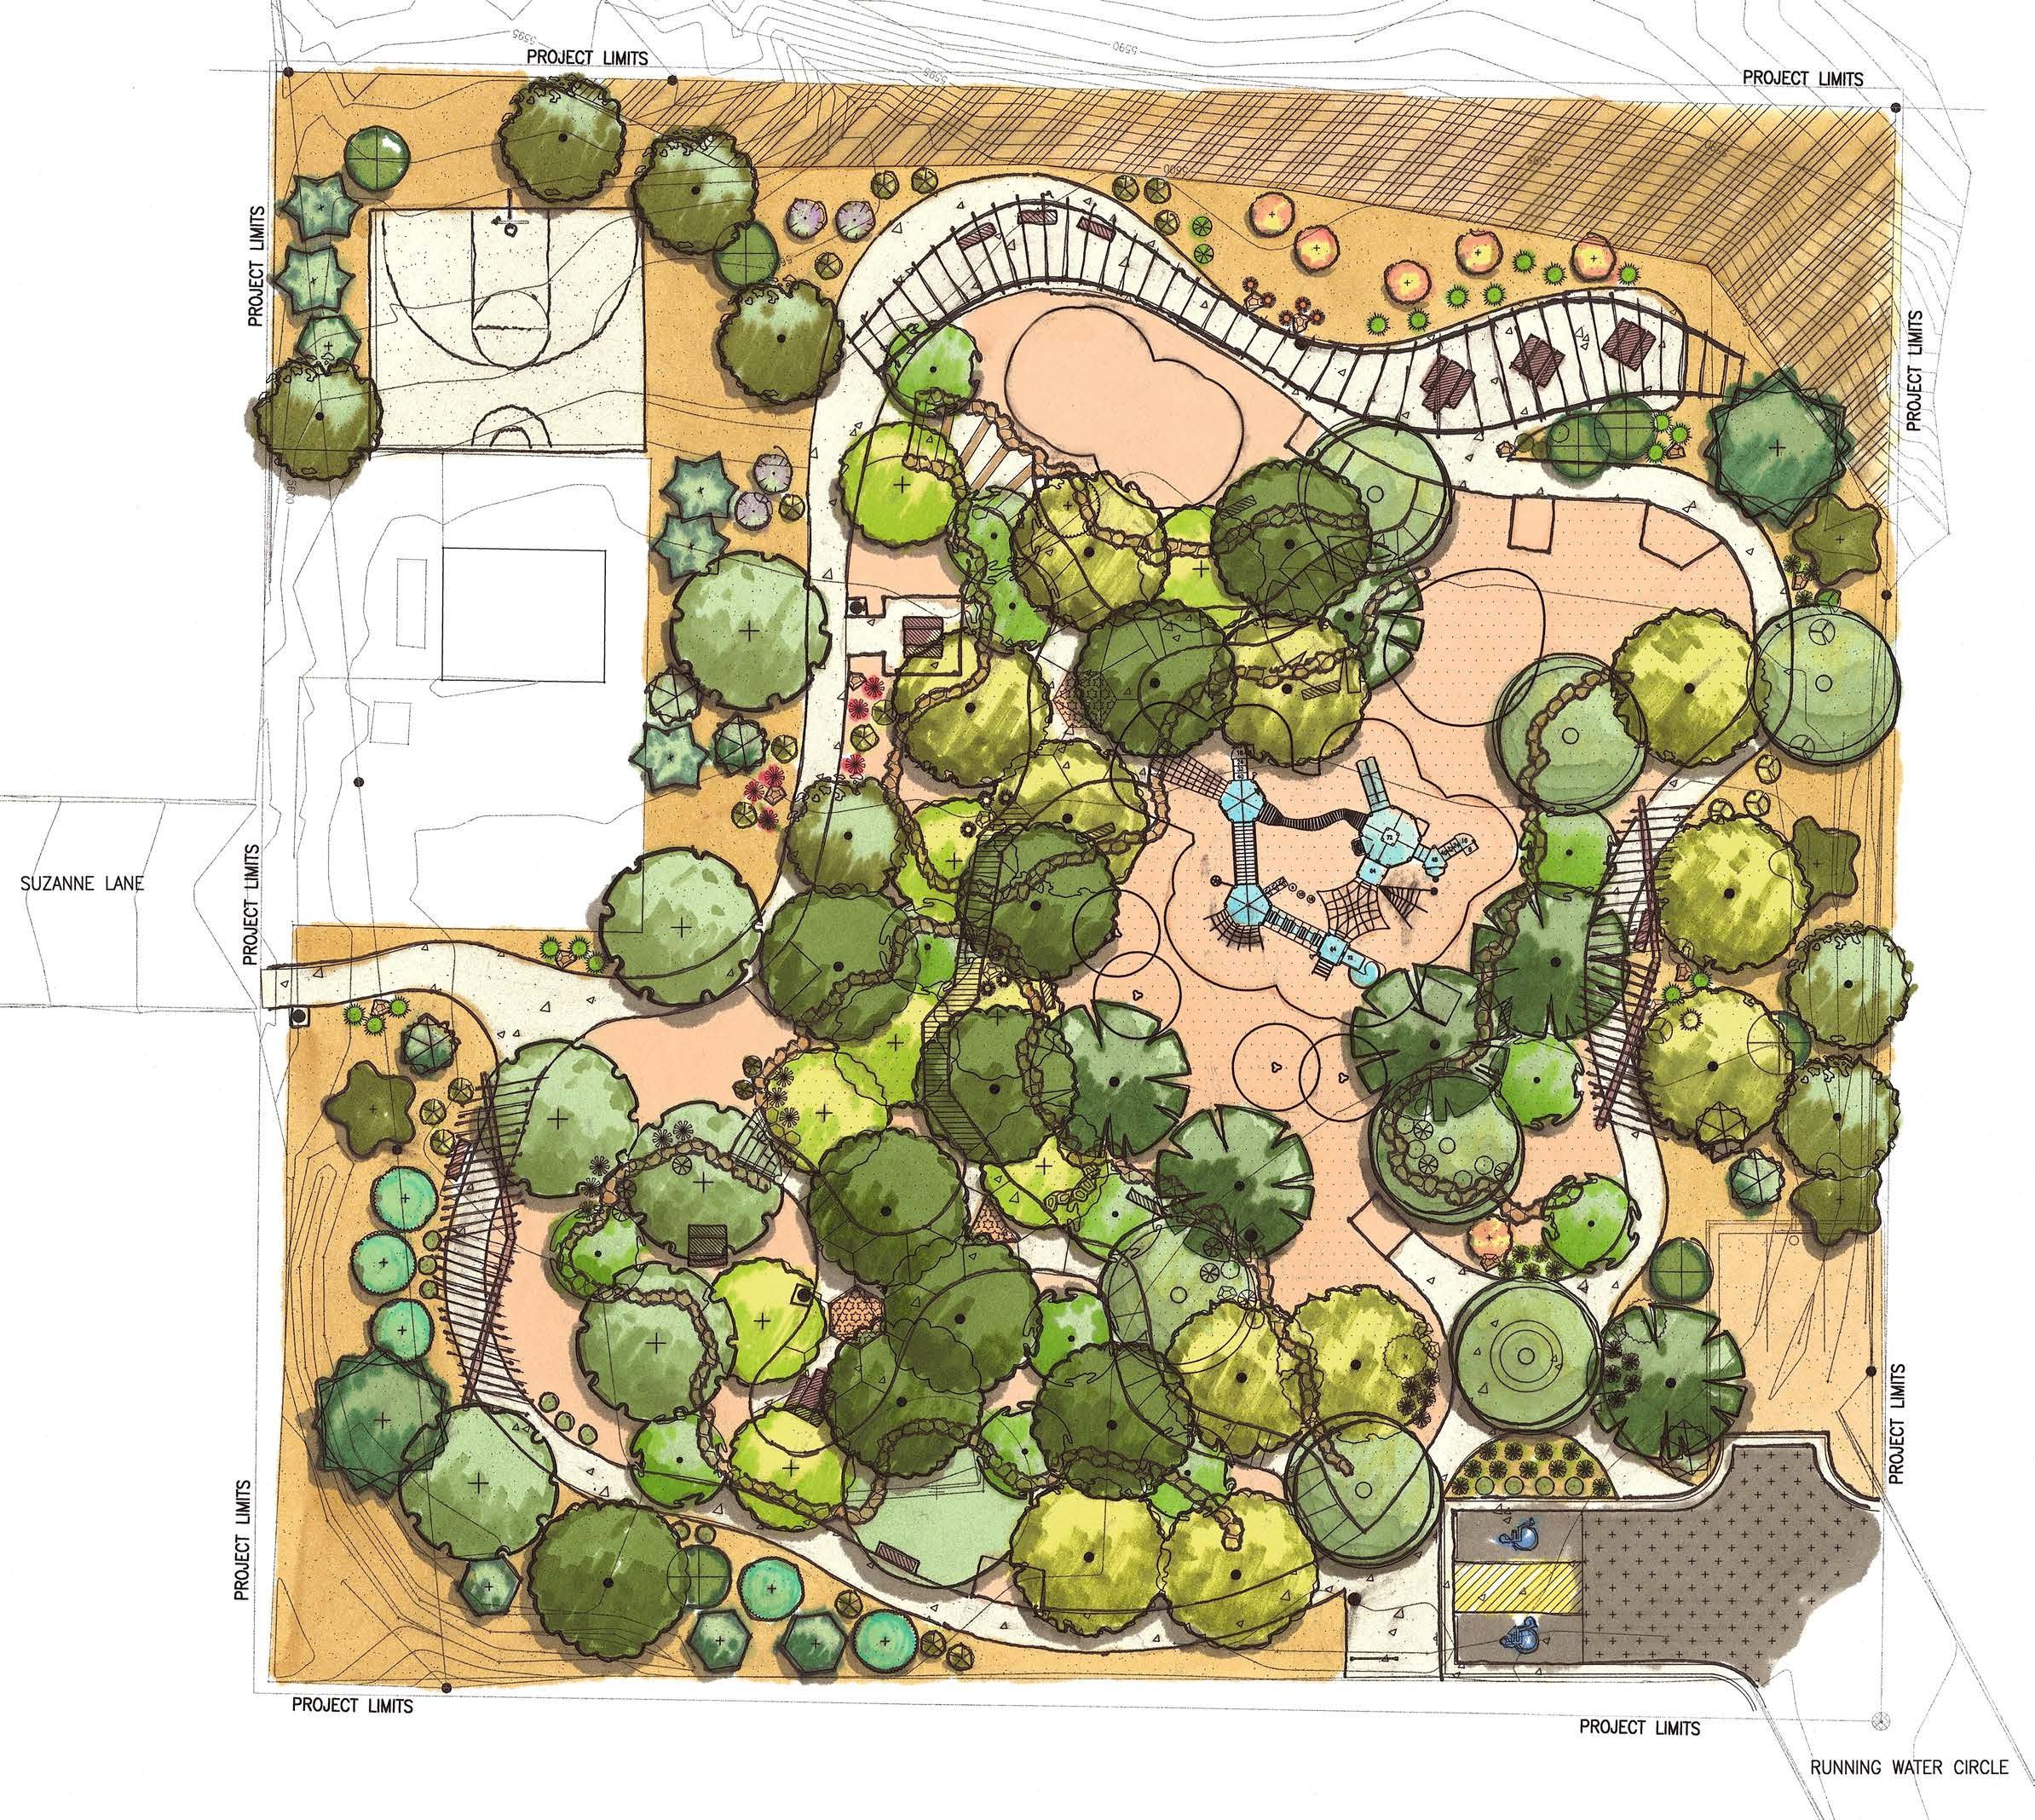 4 Four Hills Village Park, Albuquerque NM - Site Design